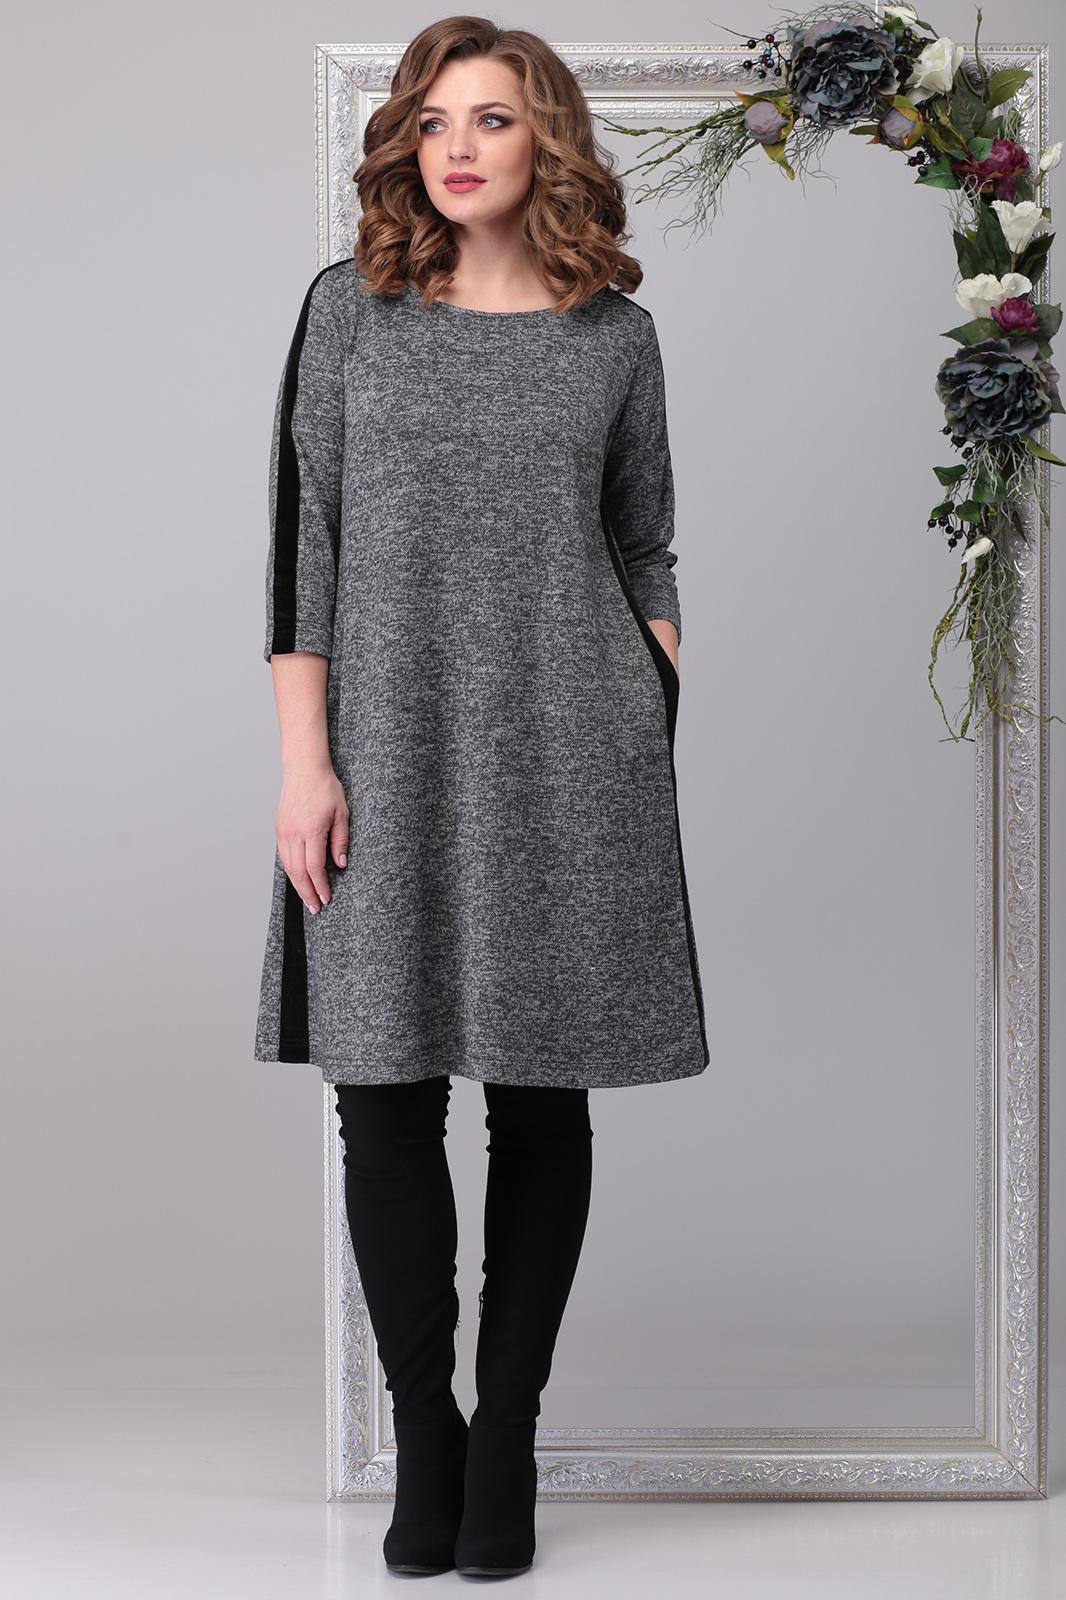 LIA6400 Pelēka trikotāžas kleita